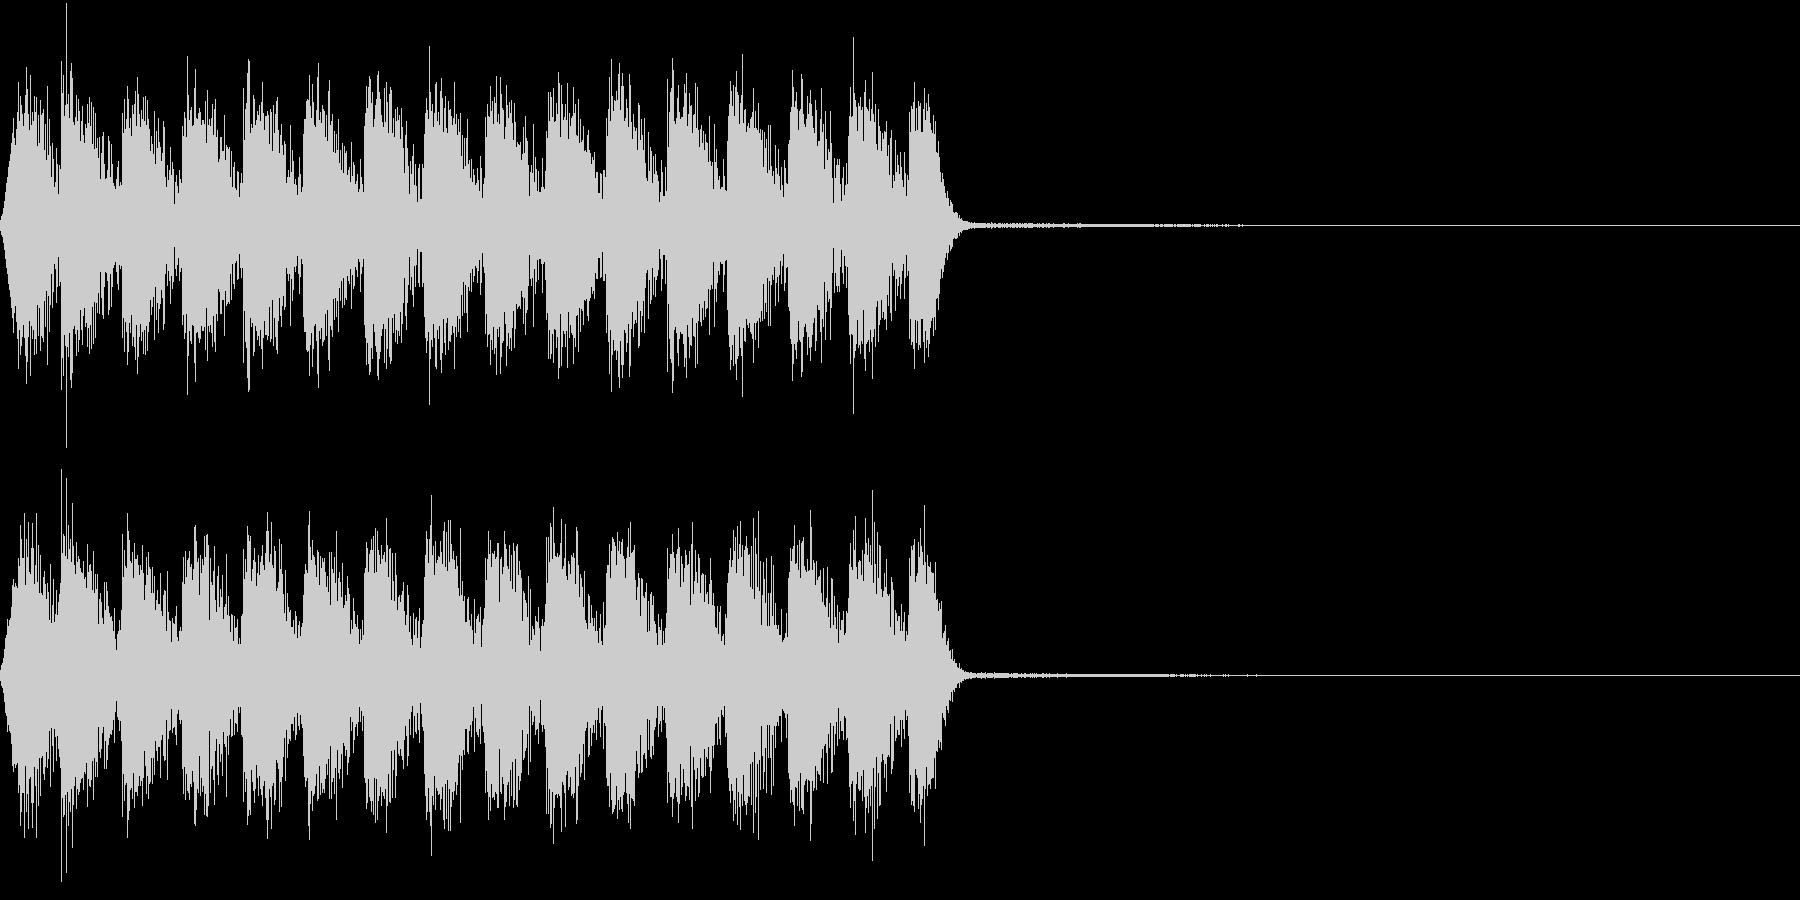 Razor レイザー小銃の連射音 3の未再生の波形